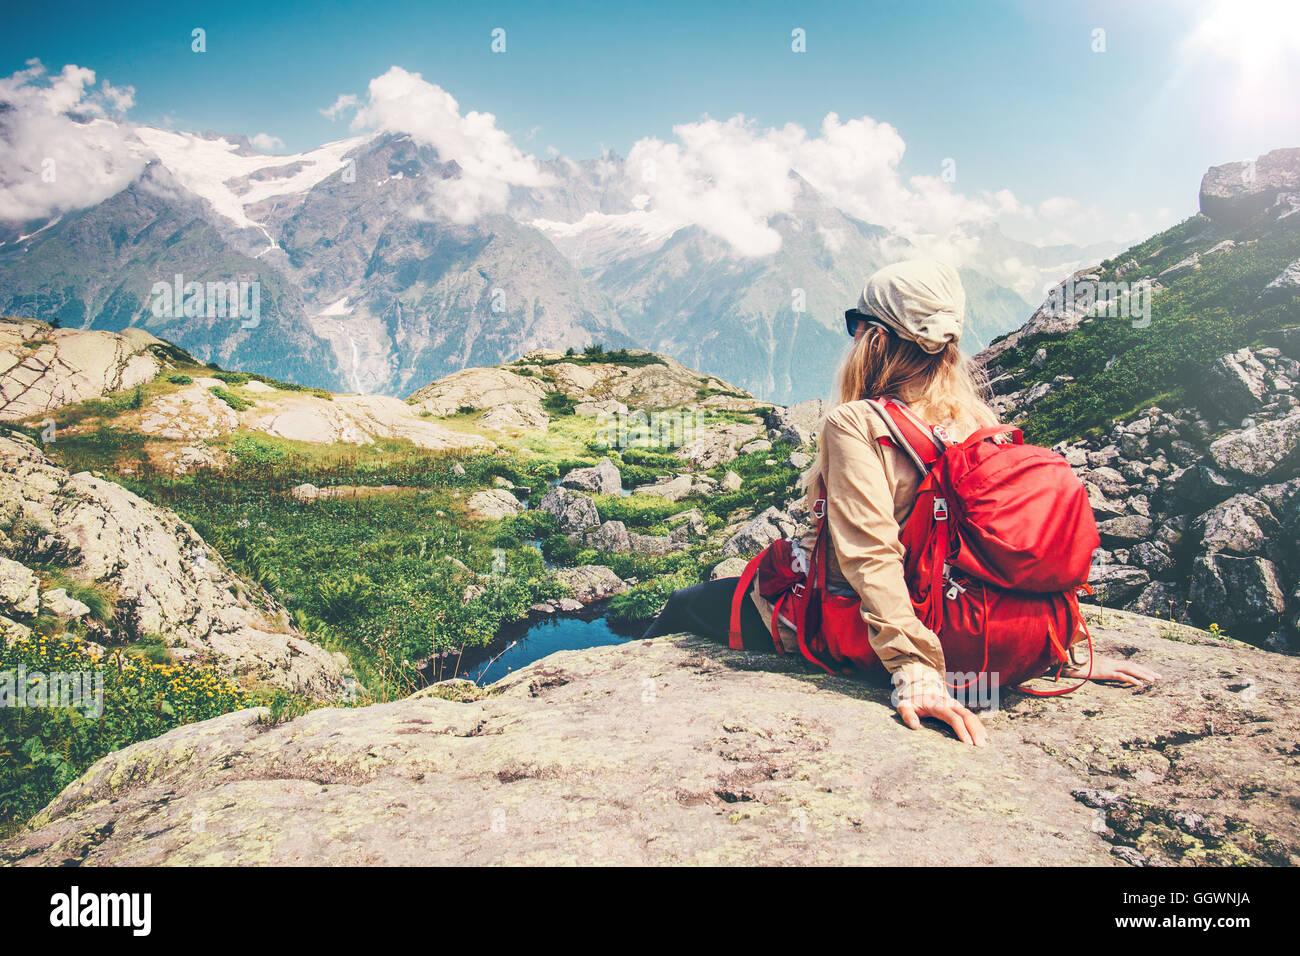 Woman Traveler mit Rucksack entspannend auf Klippe mit Berge Landschaft auf Hintergrund-Reise-Lifestyle-Konzept Stockbild